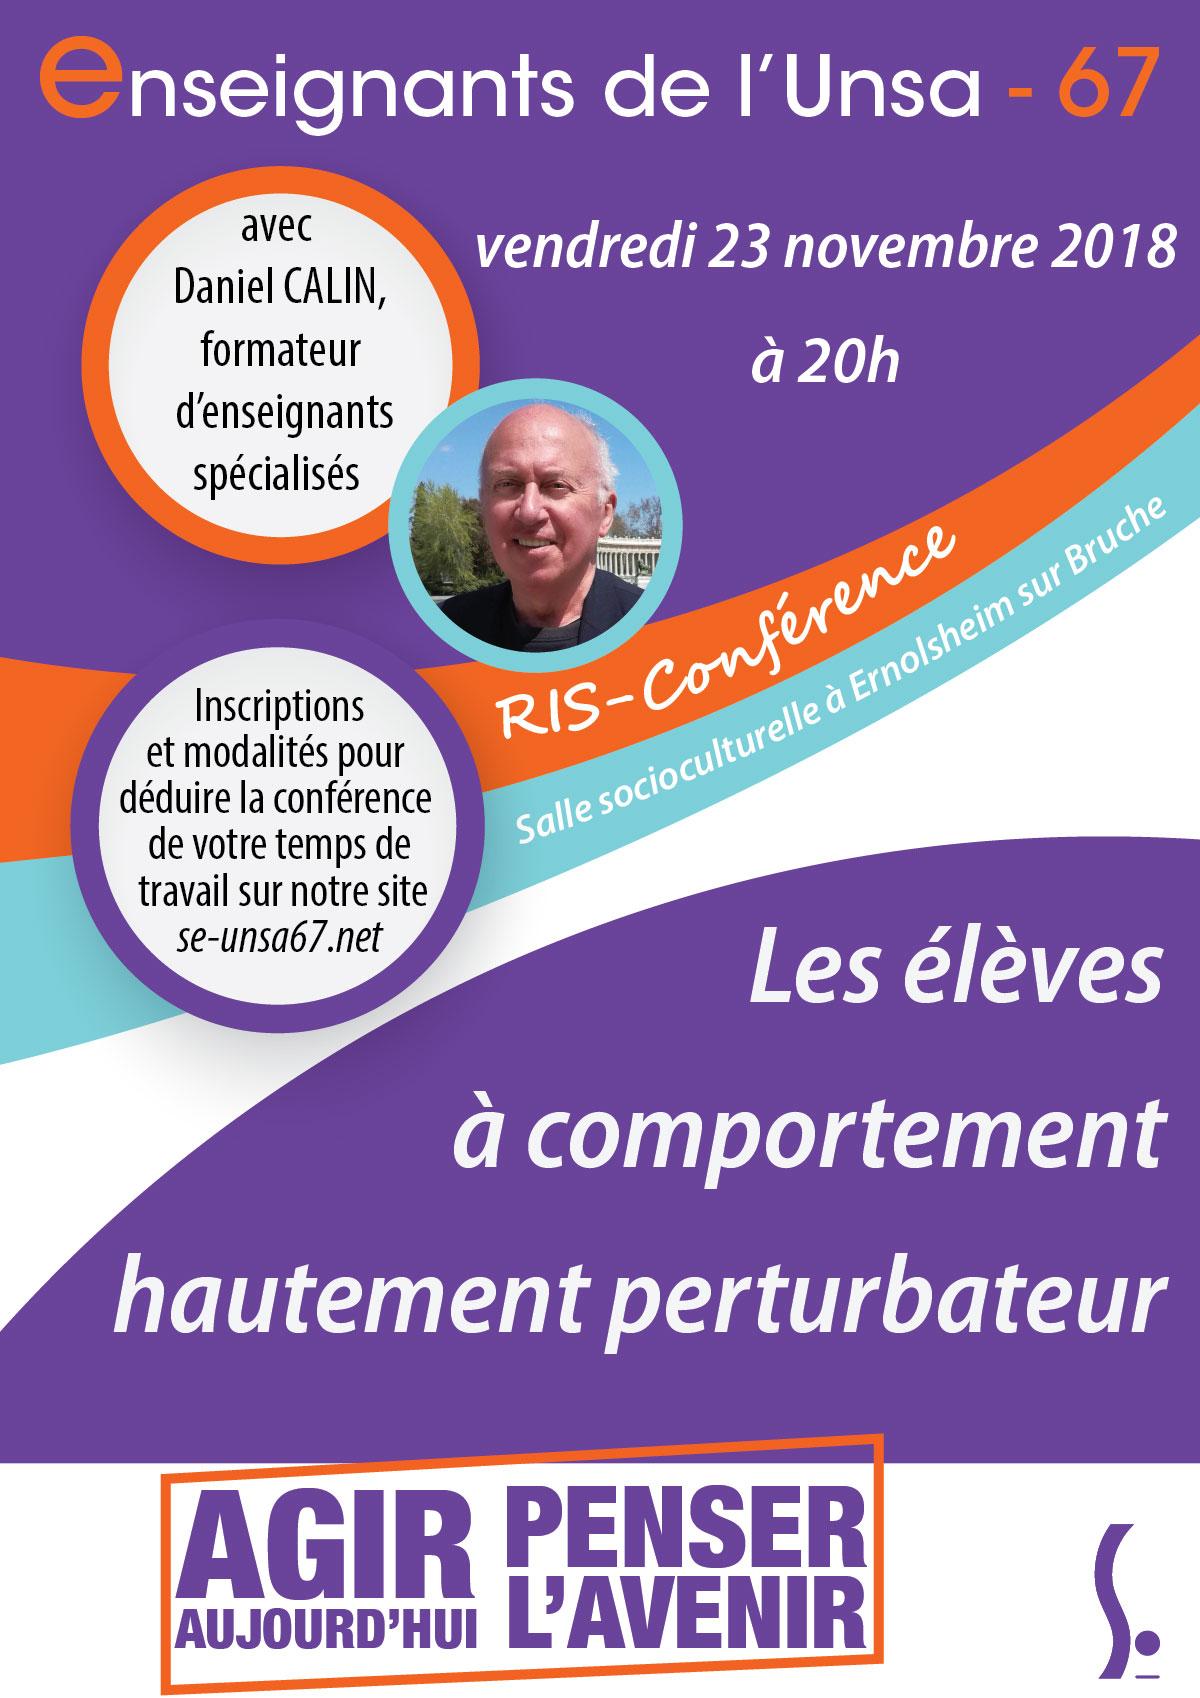 Conférence de Daniel CALIN